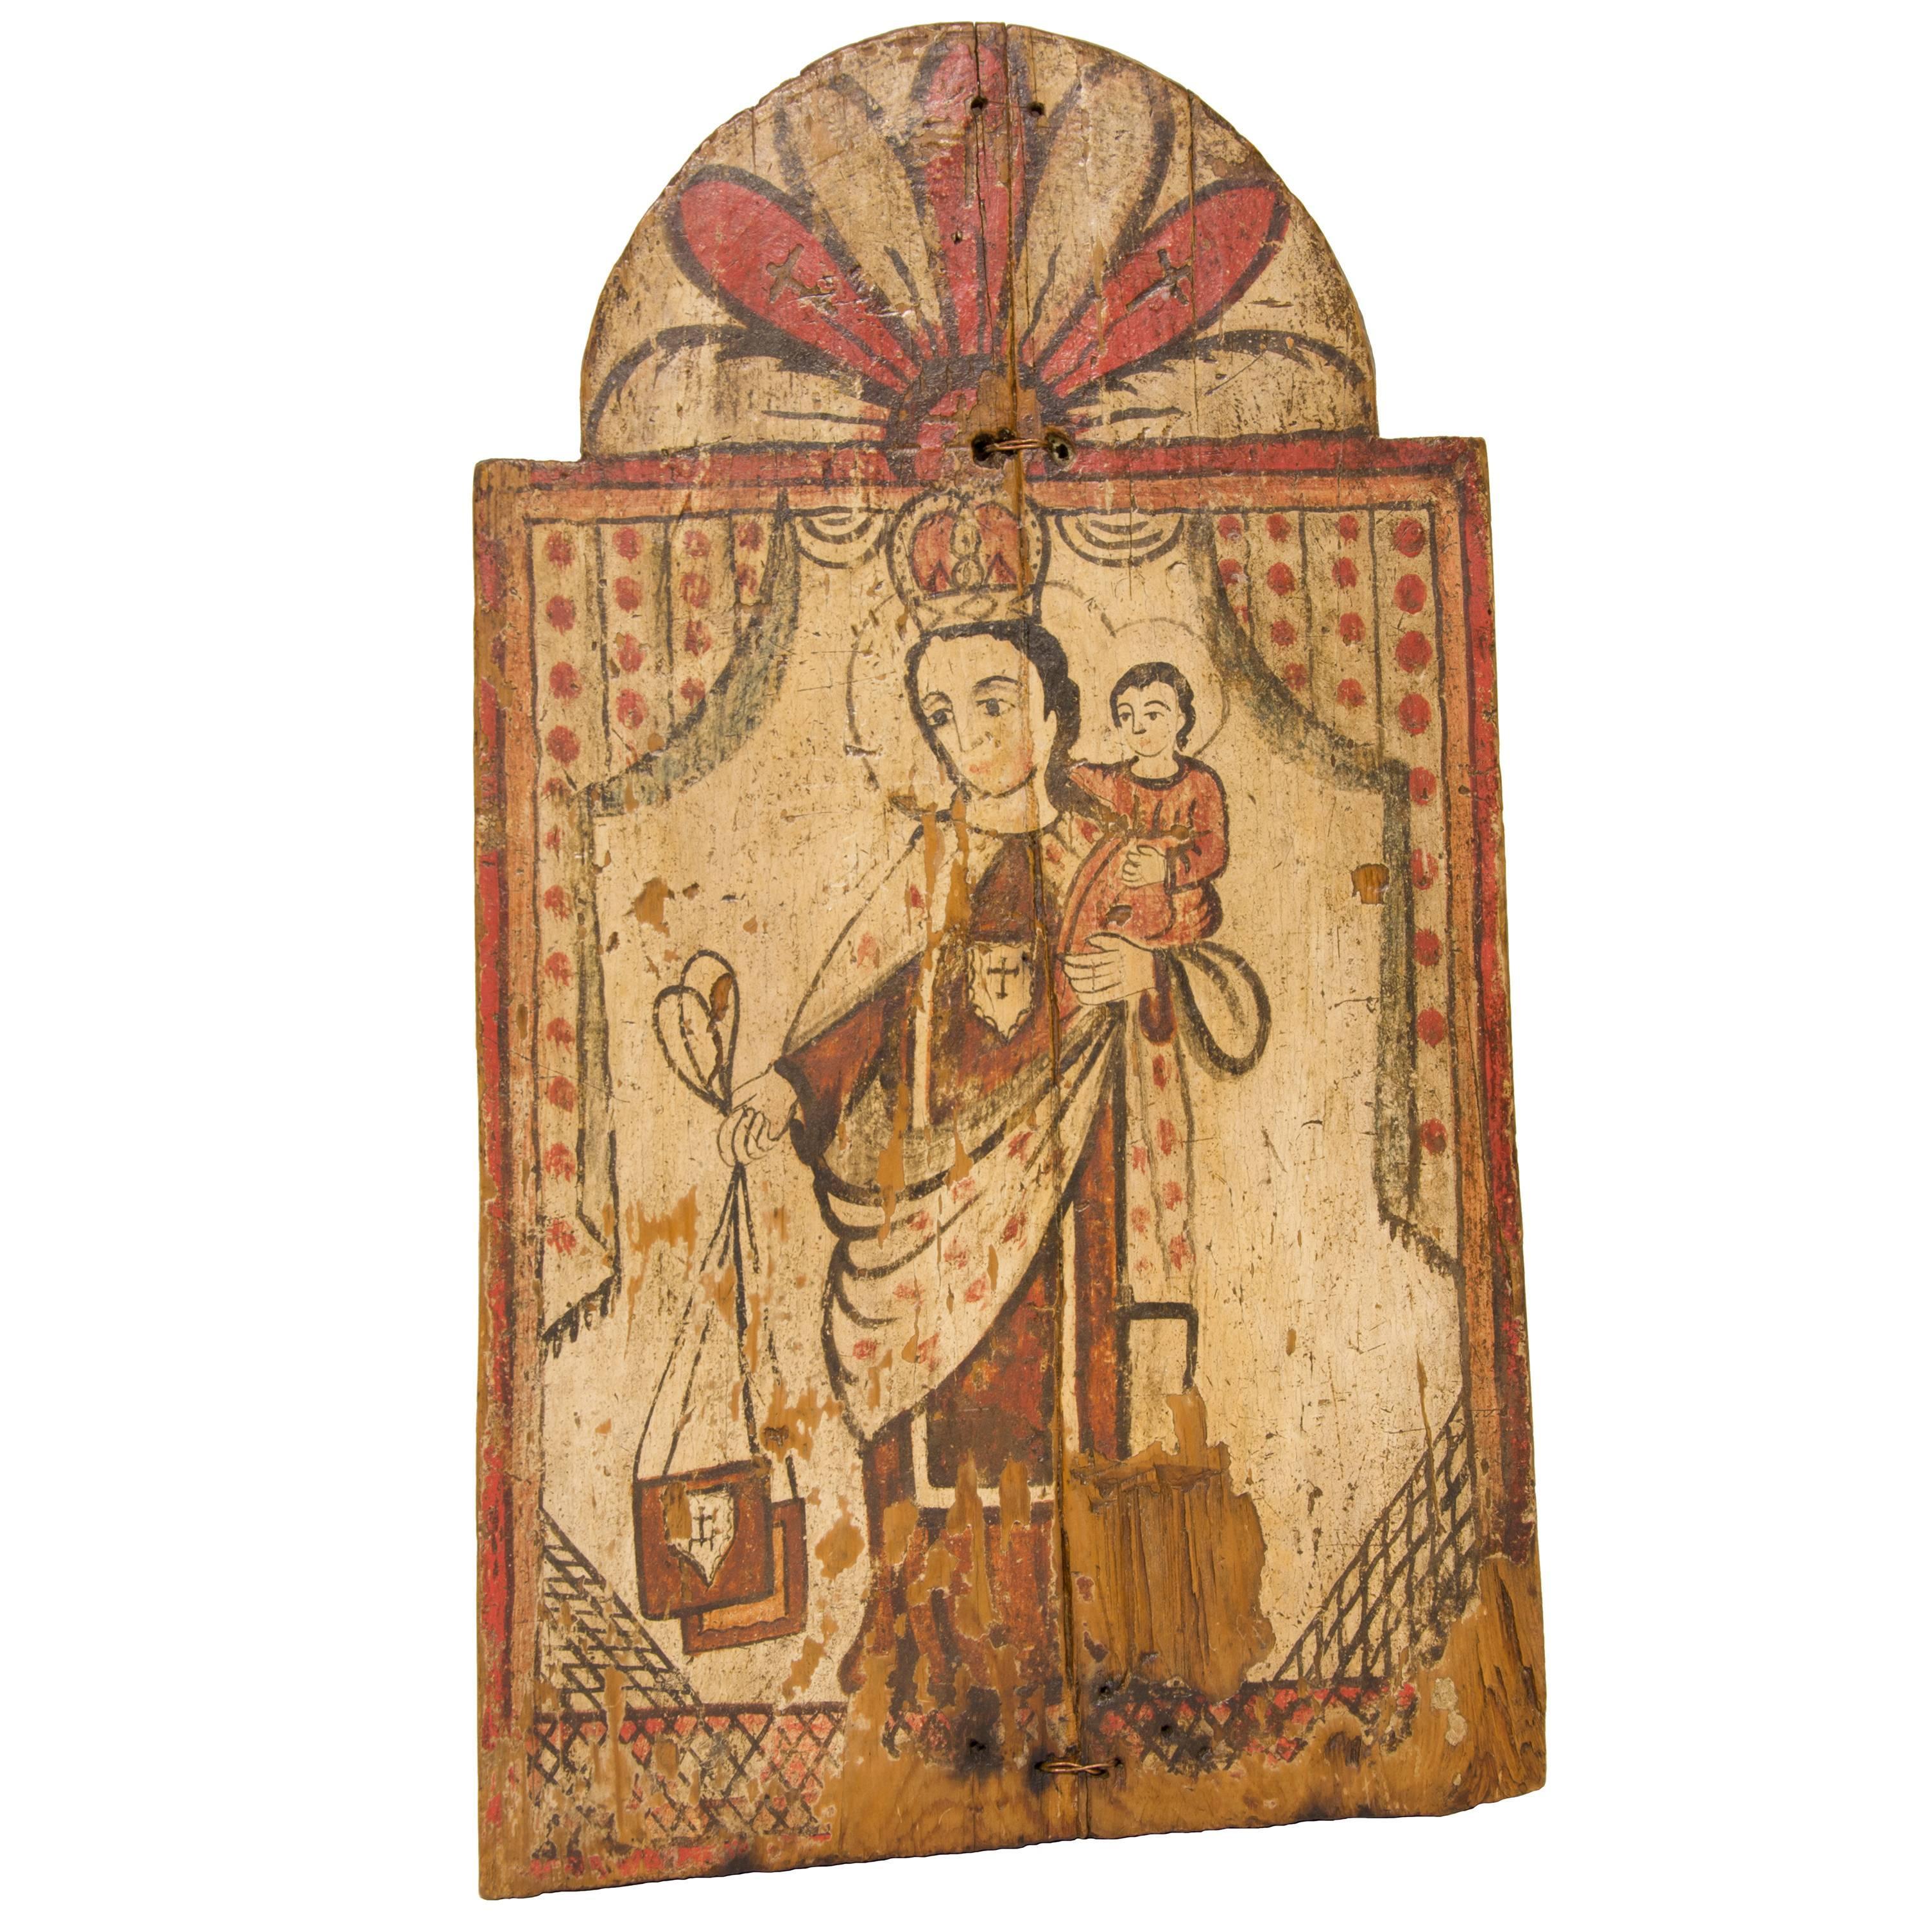 Nuestra Señora de Carmel